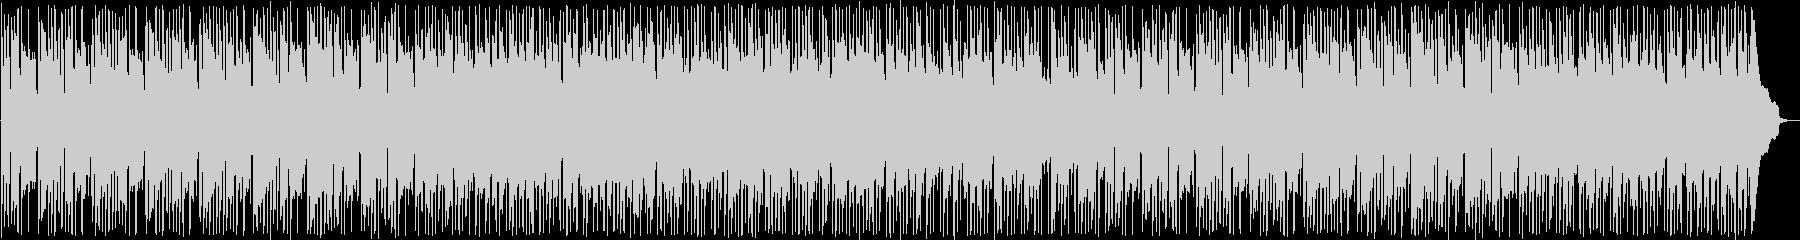 ファンタジーなシンセポップサウンドの未再生の波形